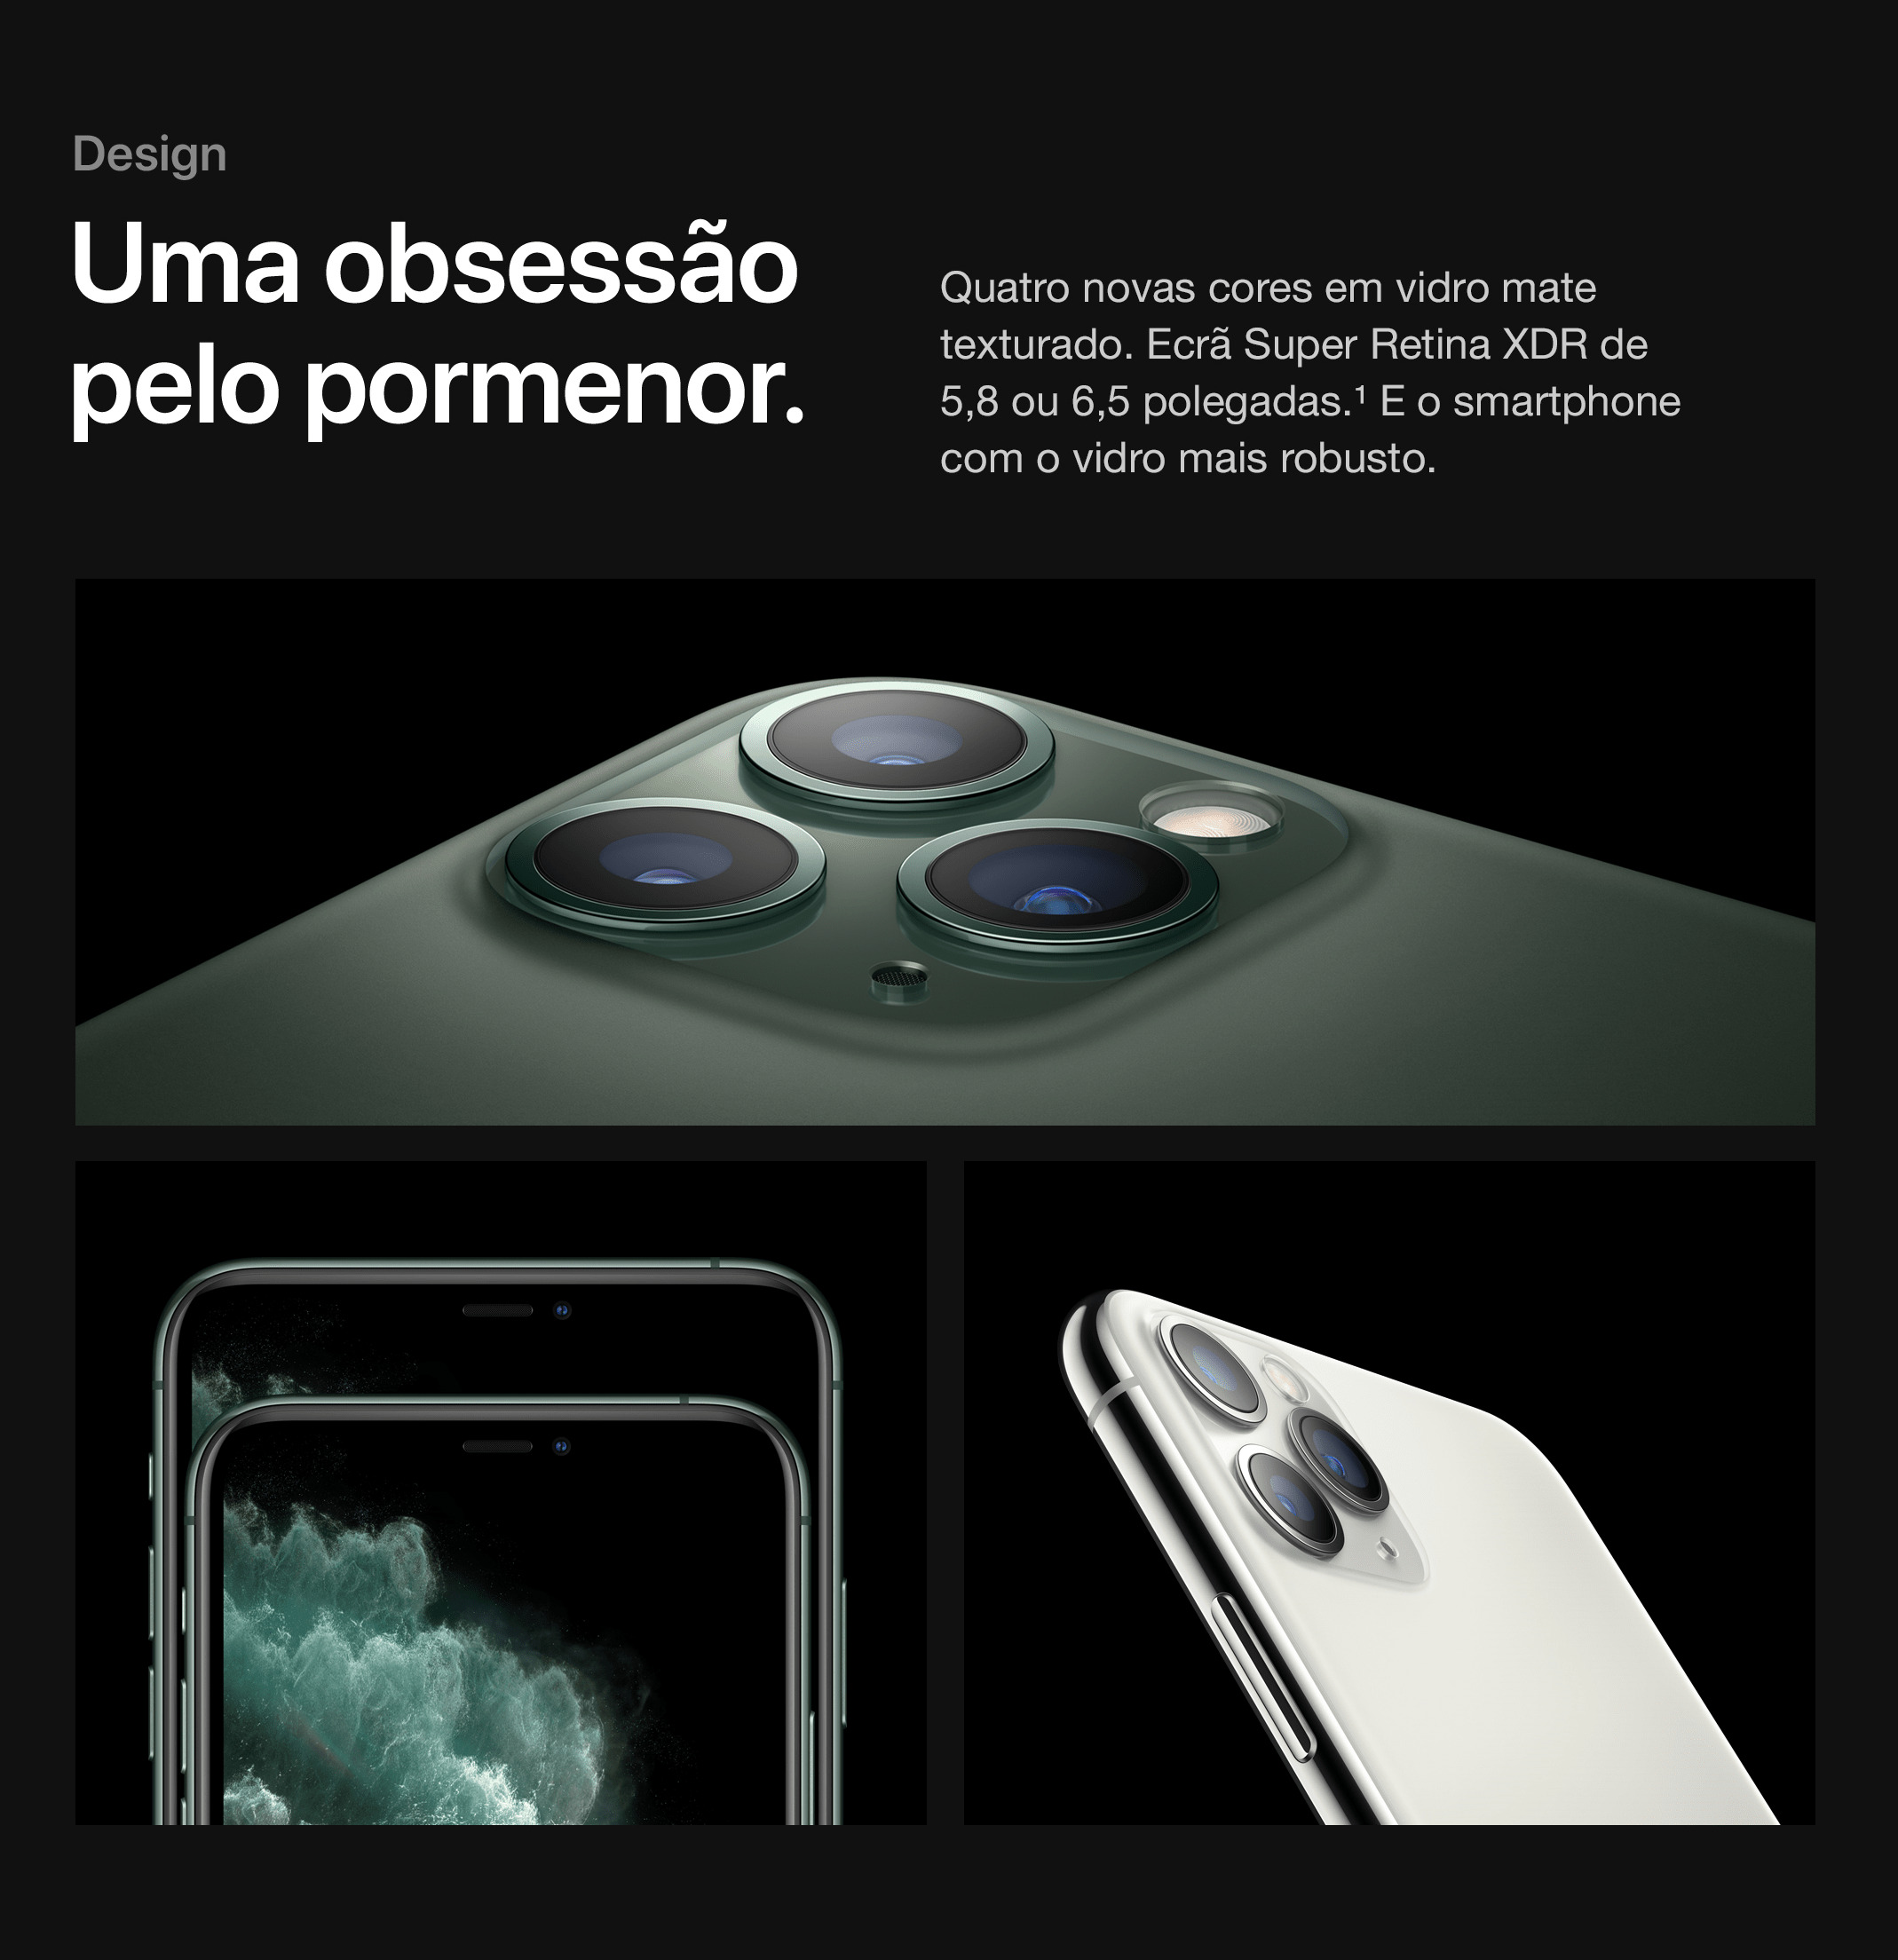 Smartphone com o vidro robusto.